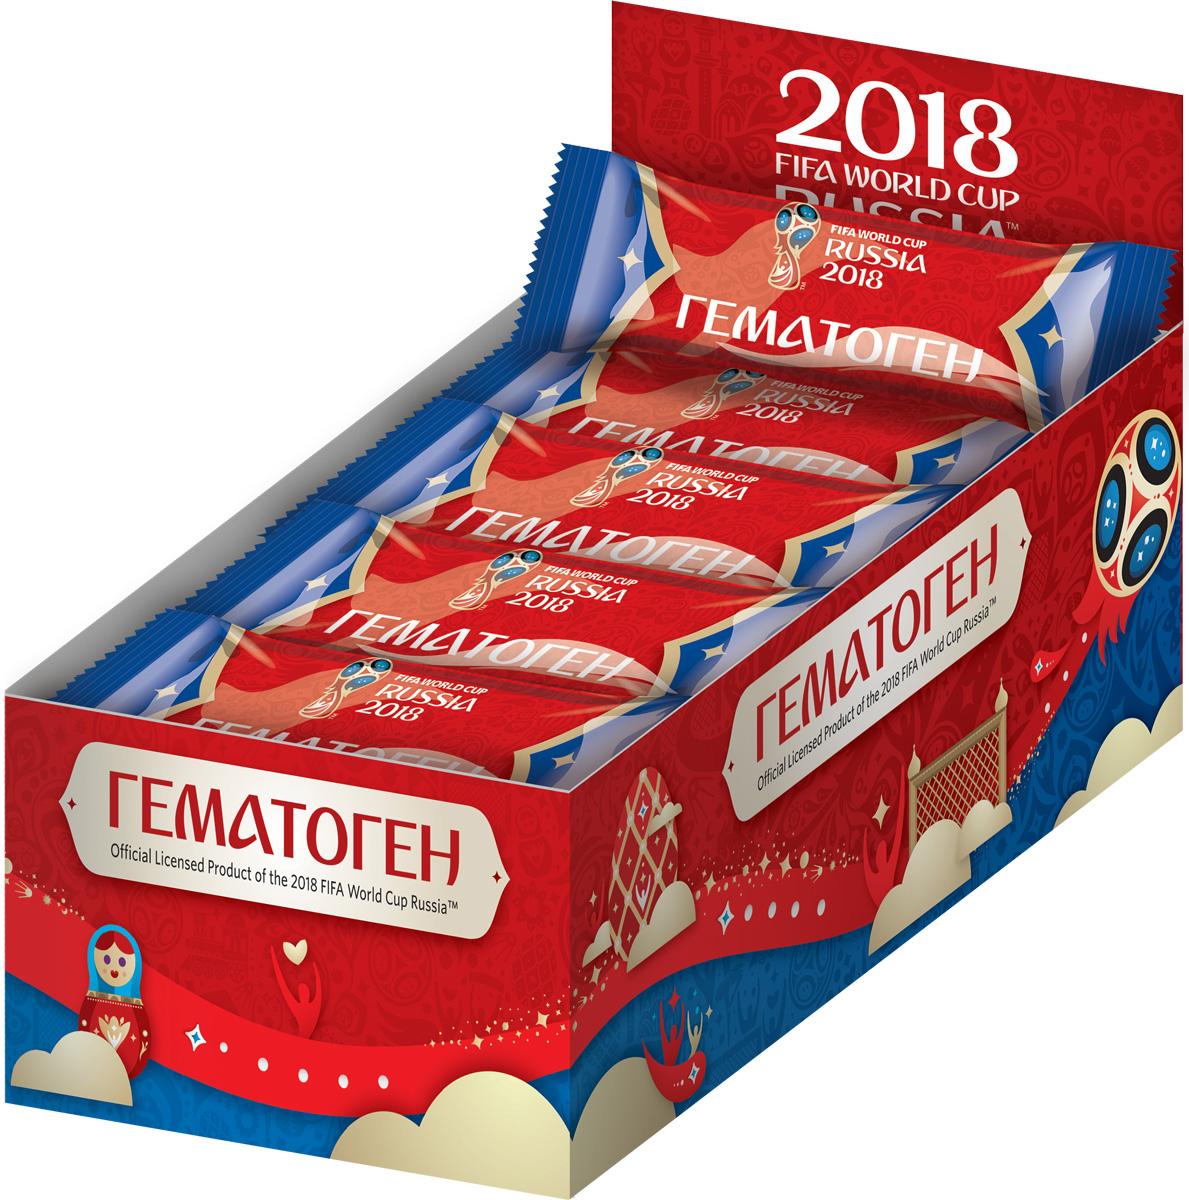 Конфитрейд Официальная продукция 2018 FIFA WORLD CUP гематоген детский, 25 гУТ22461Гематоген в метализированном герметичном пищевом флоу-паке.